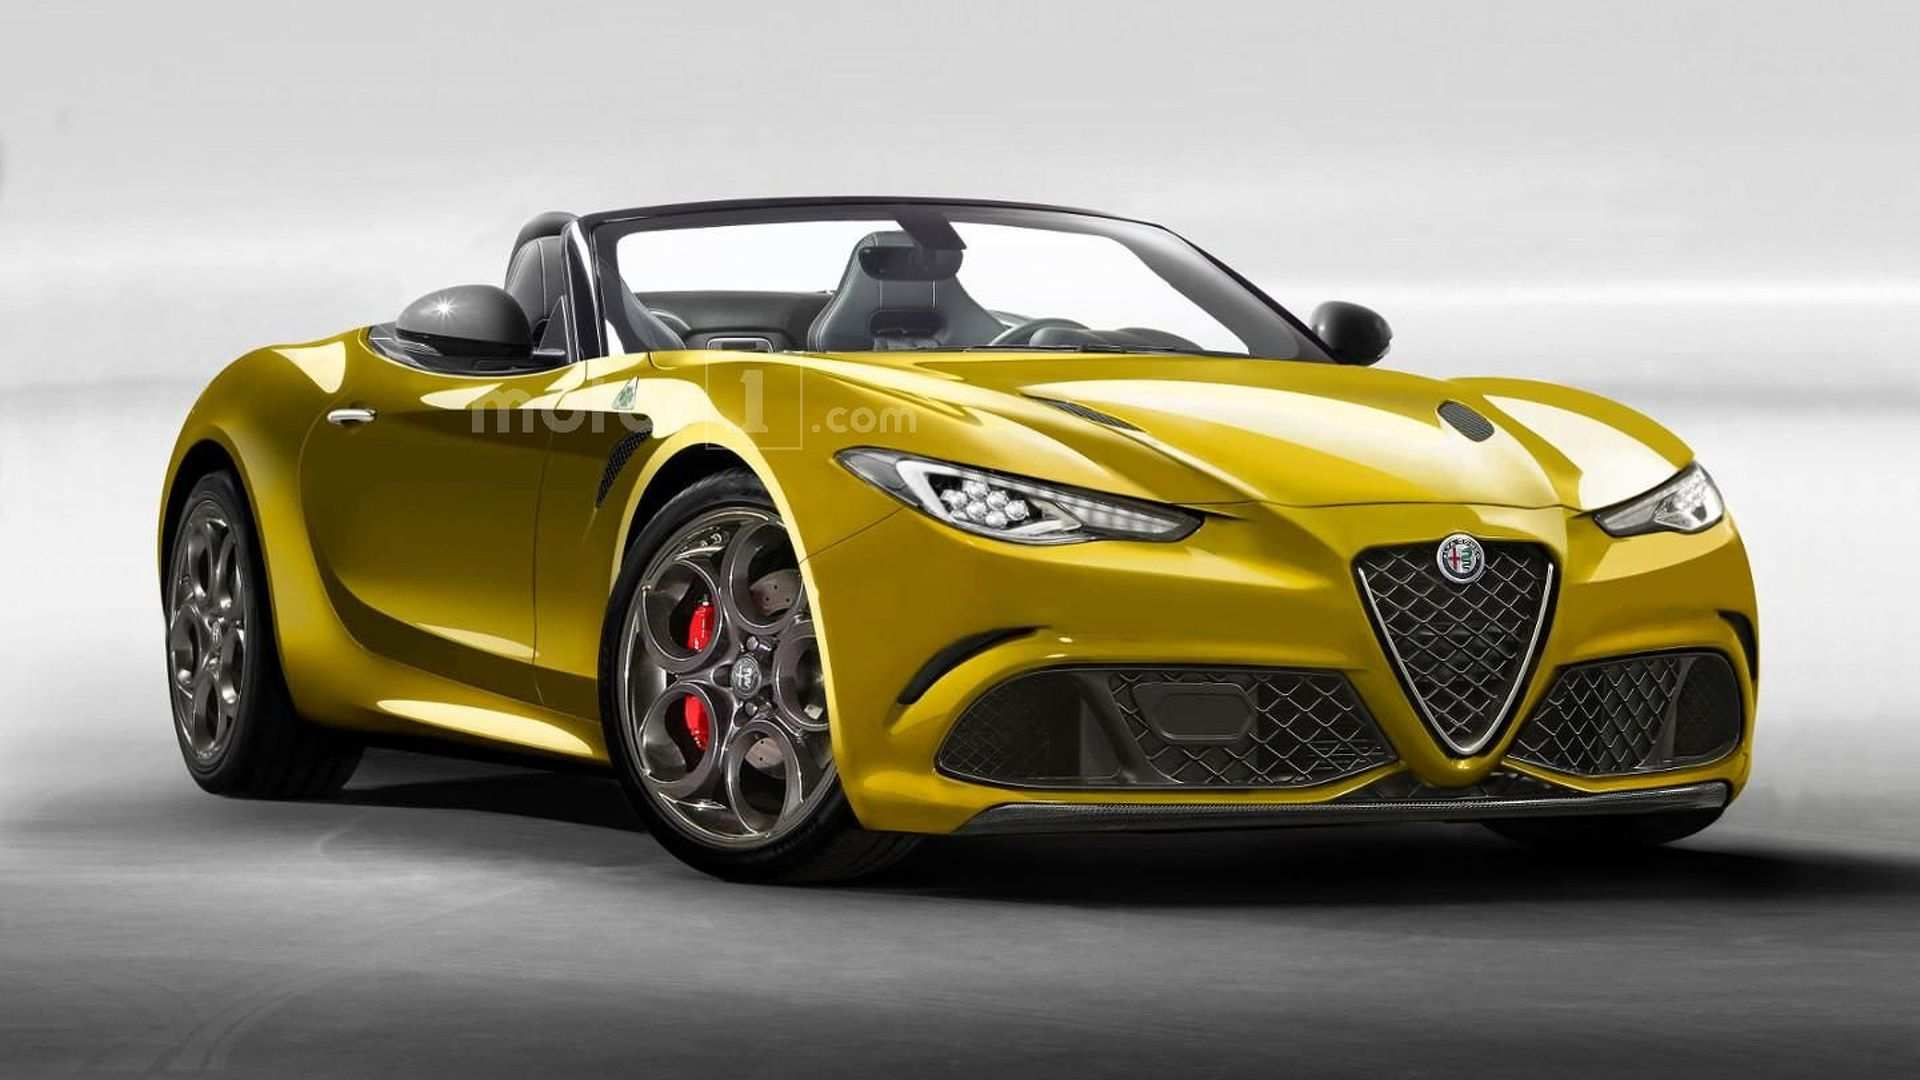 46 New Alfa Bis 2020 Rumors with Alfa Bis 2020